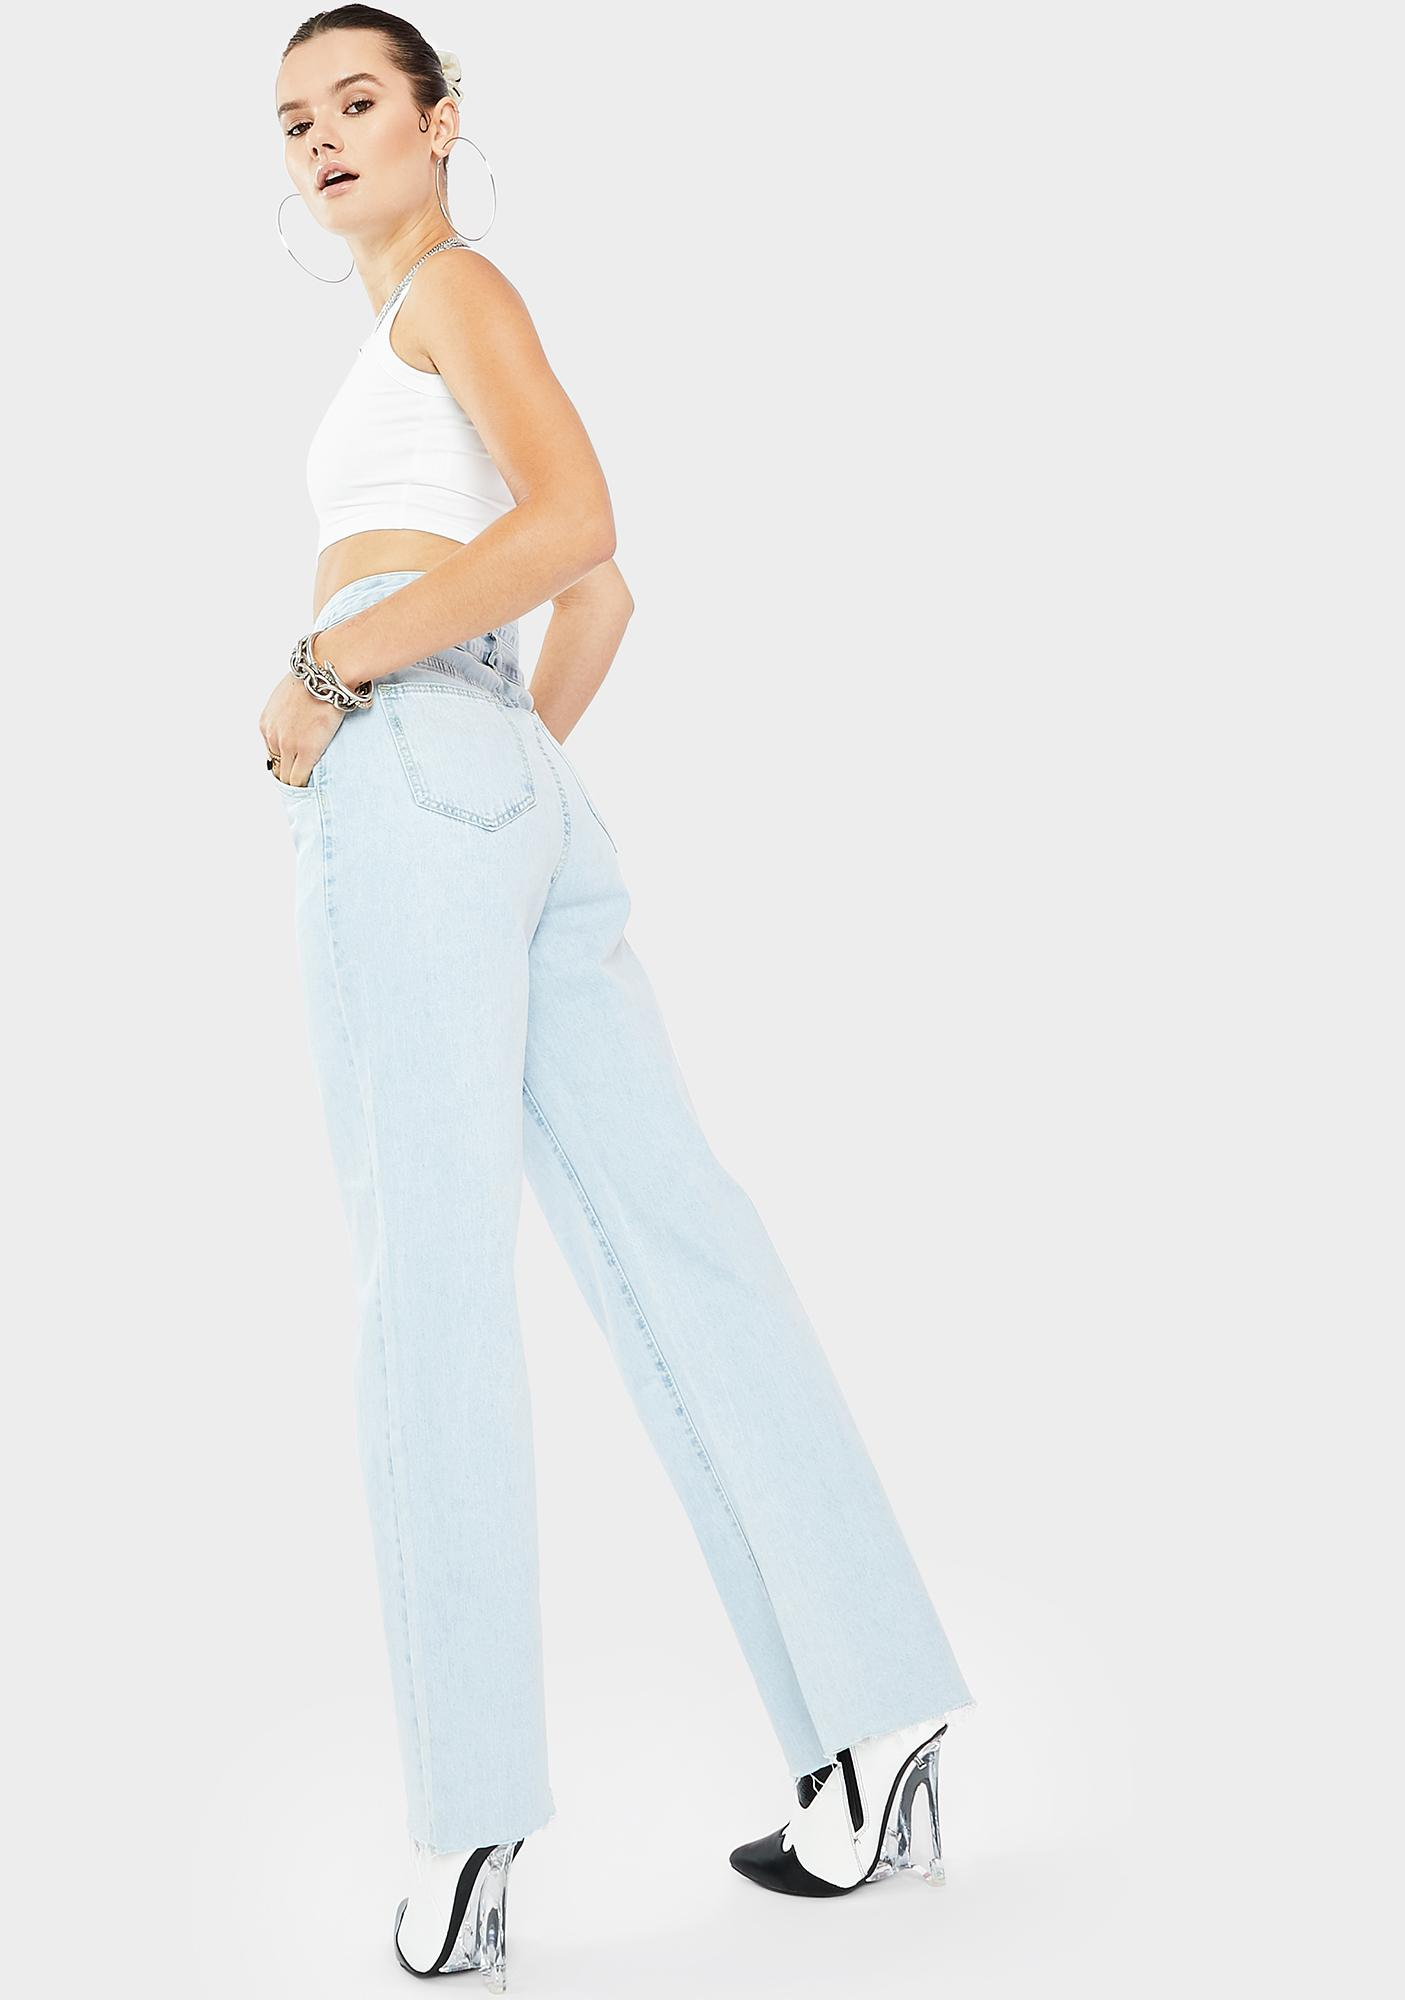 THE KRIPT Juna Cut Out Jeans